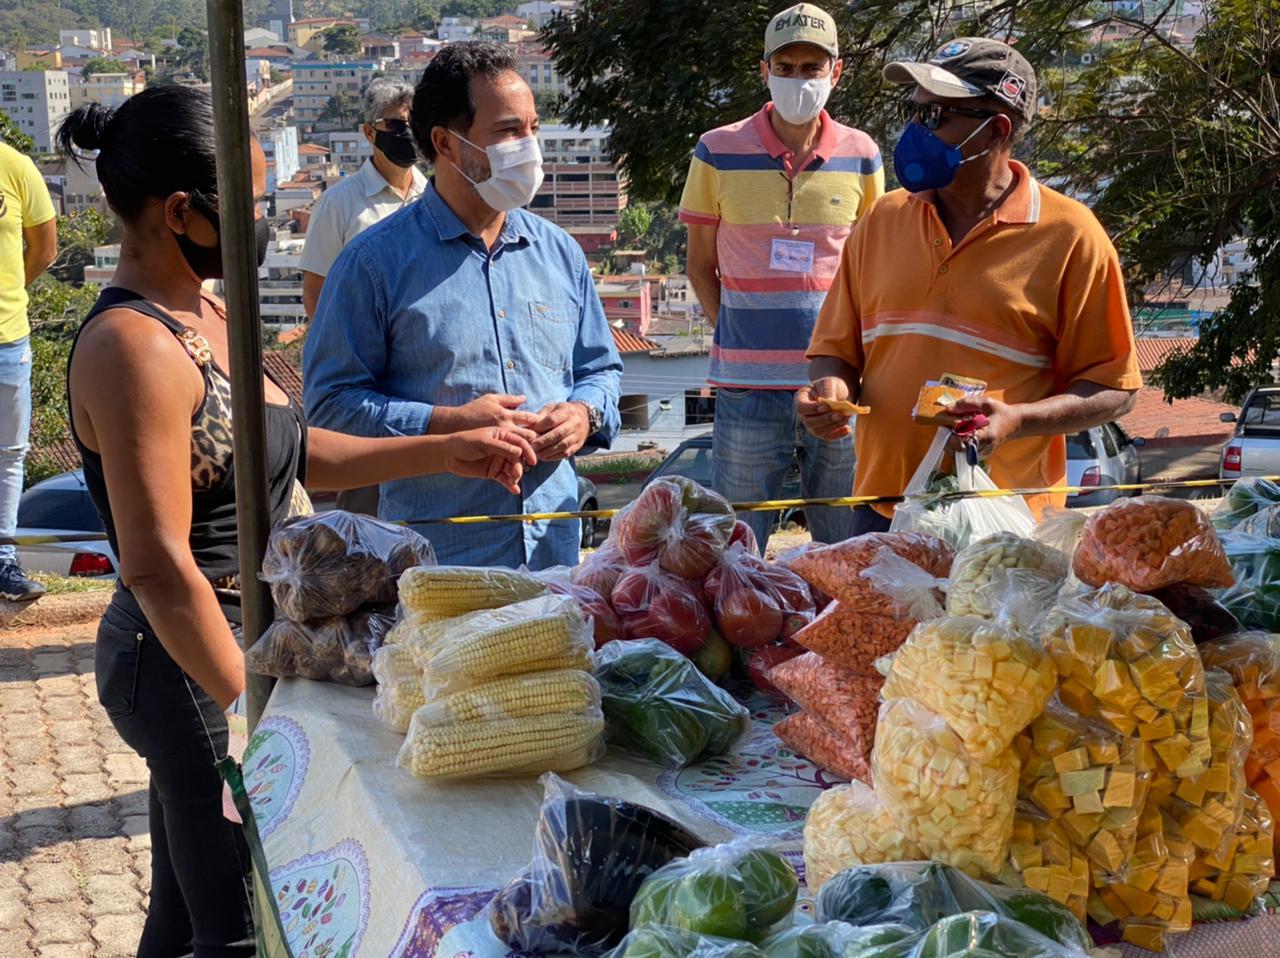 Prefeito de Itabira, Marco Antônio Lage, visitou a Feira Livre neste sábado (22) e foi recebido pelos feirantes e público presente